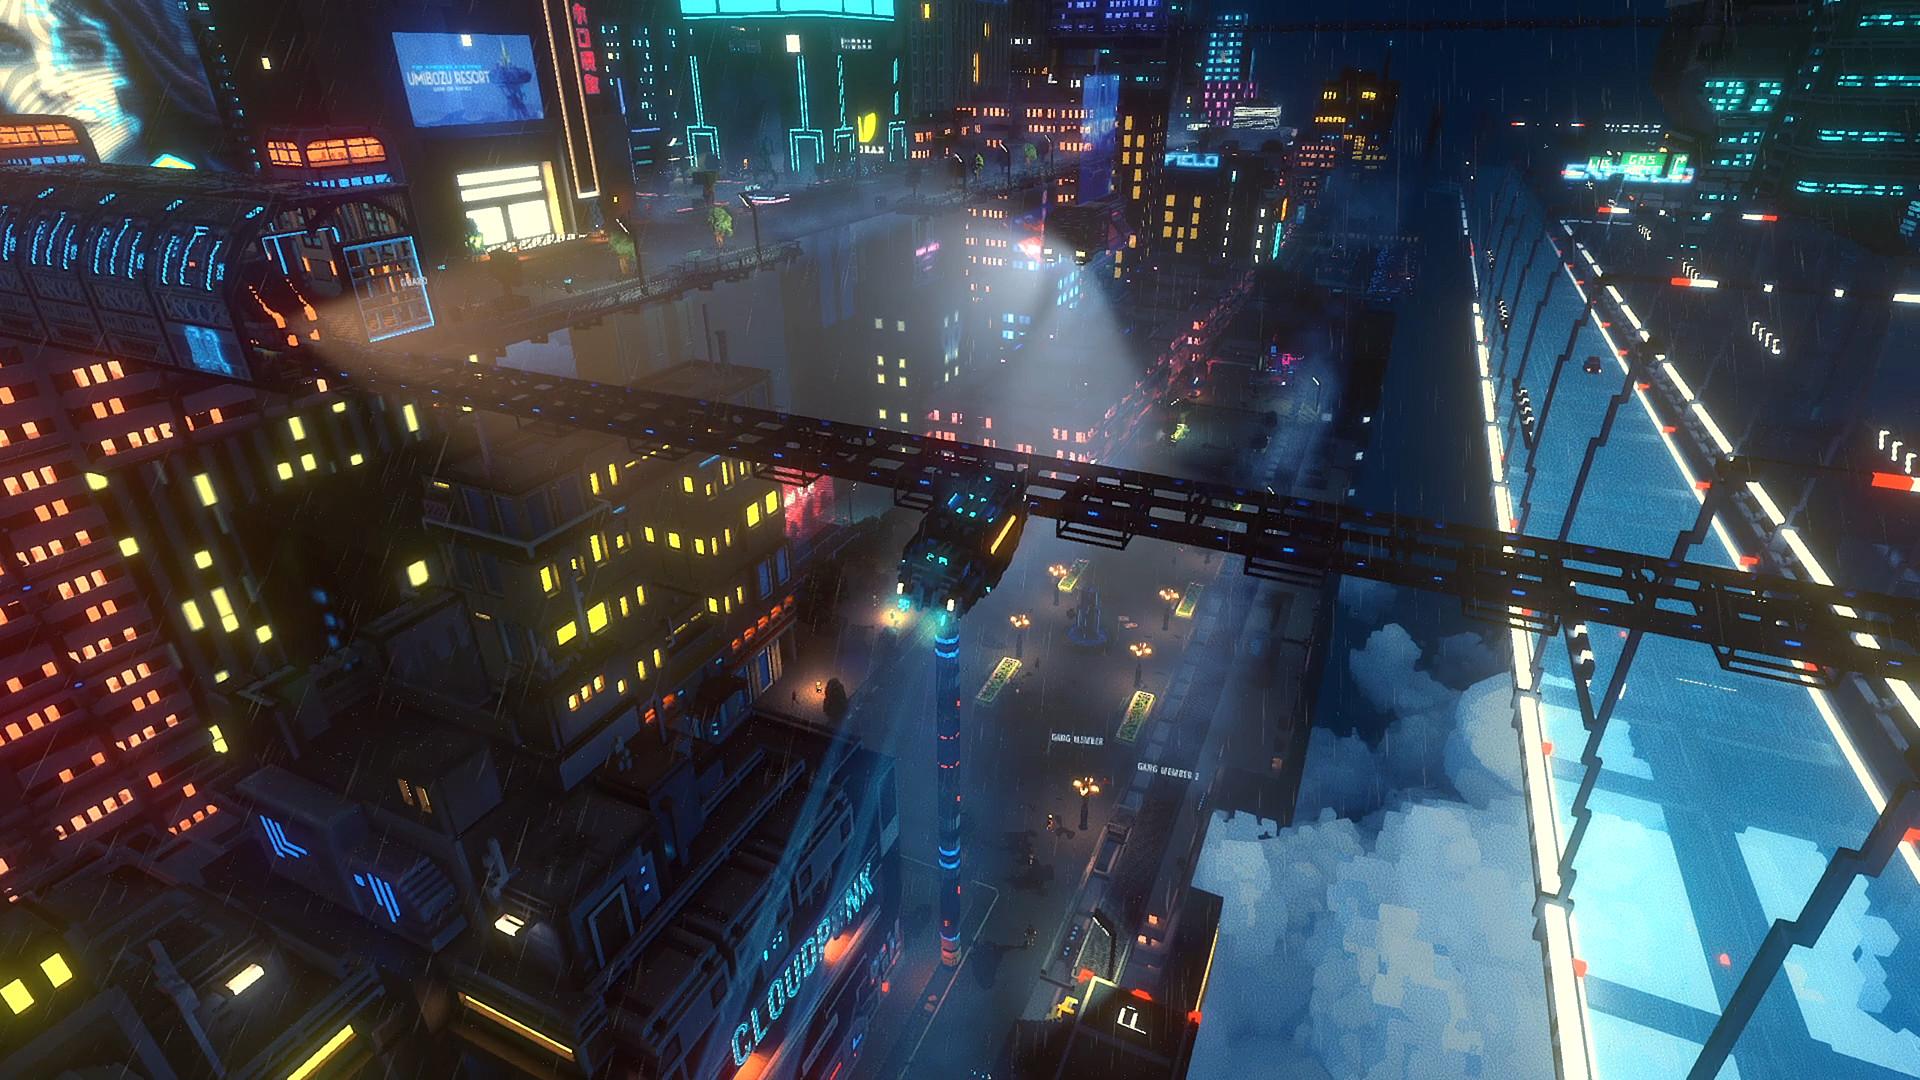 赛博朋克风独立游戏《云端朋克》将加入第一人称